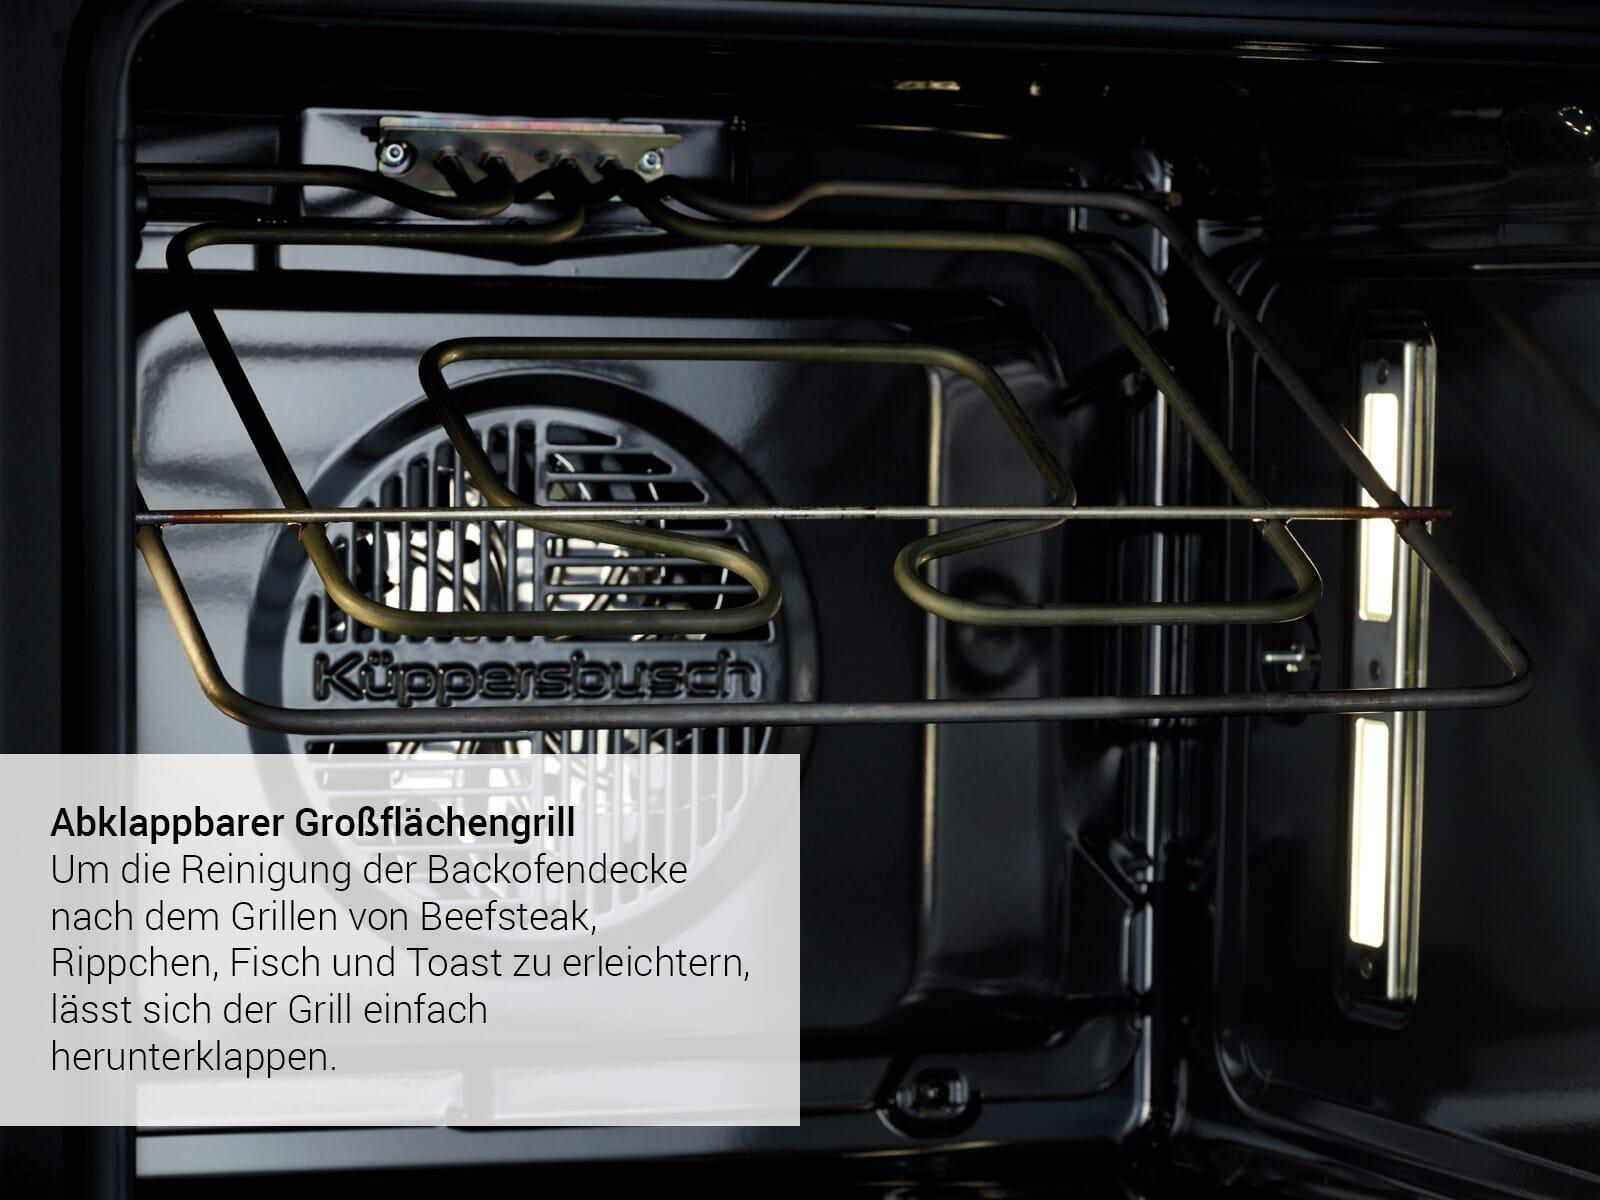 Küppersbusch B 6550.0 S8 Premium+ Backofen Schwarz/Hot Chili